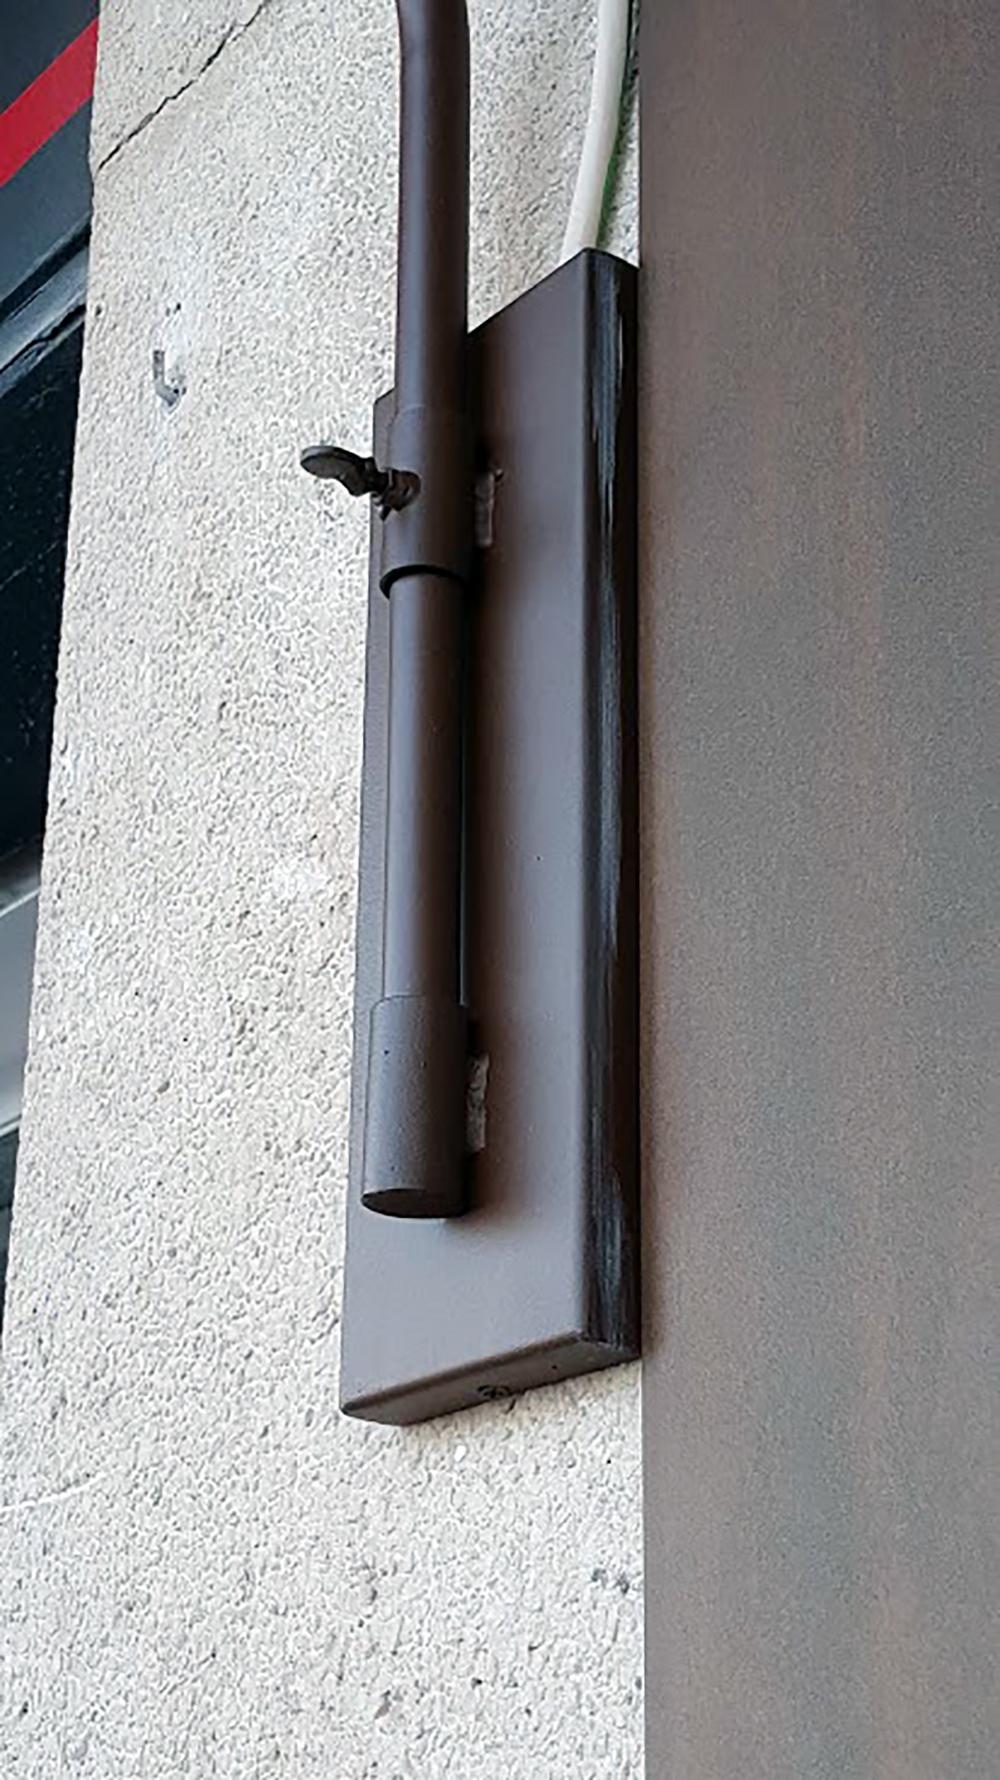 detalle del soporte de pared